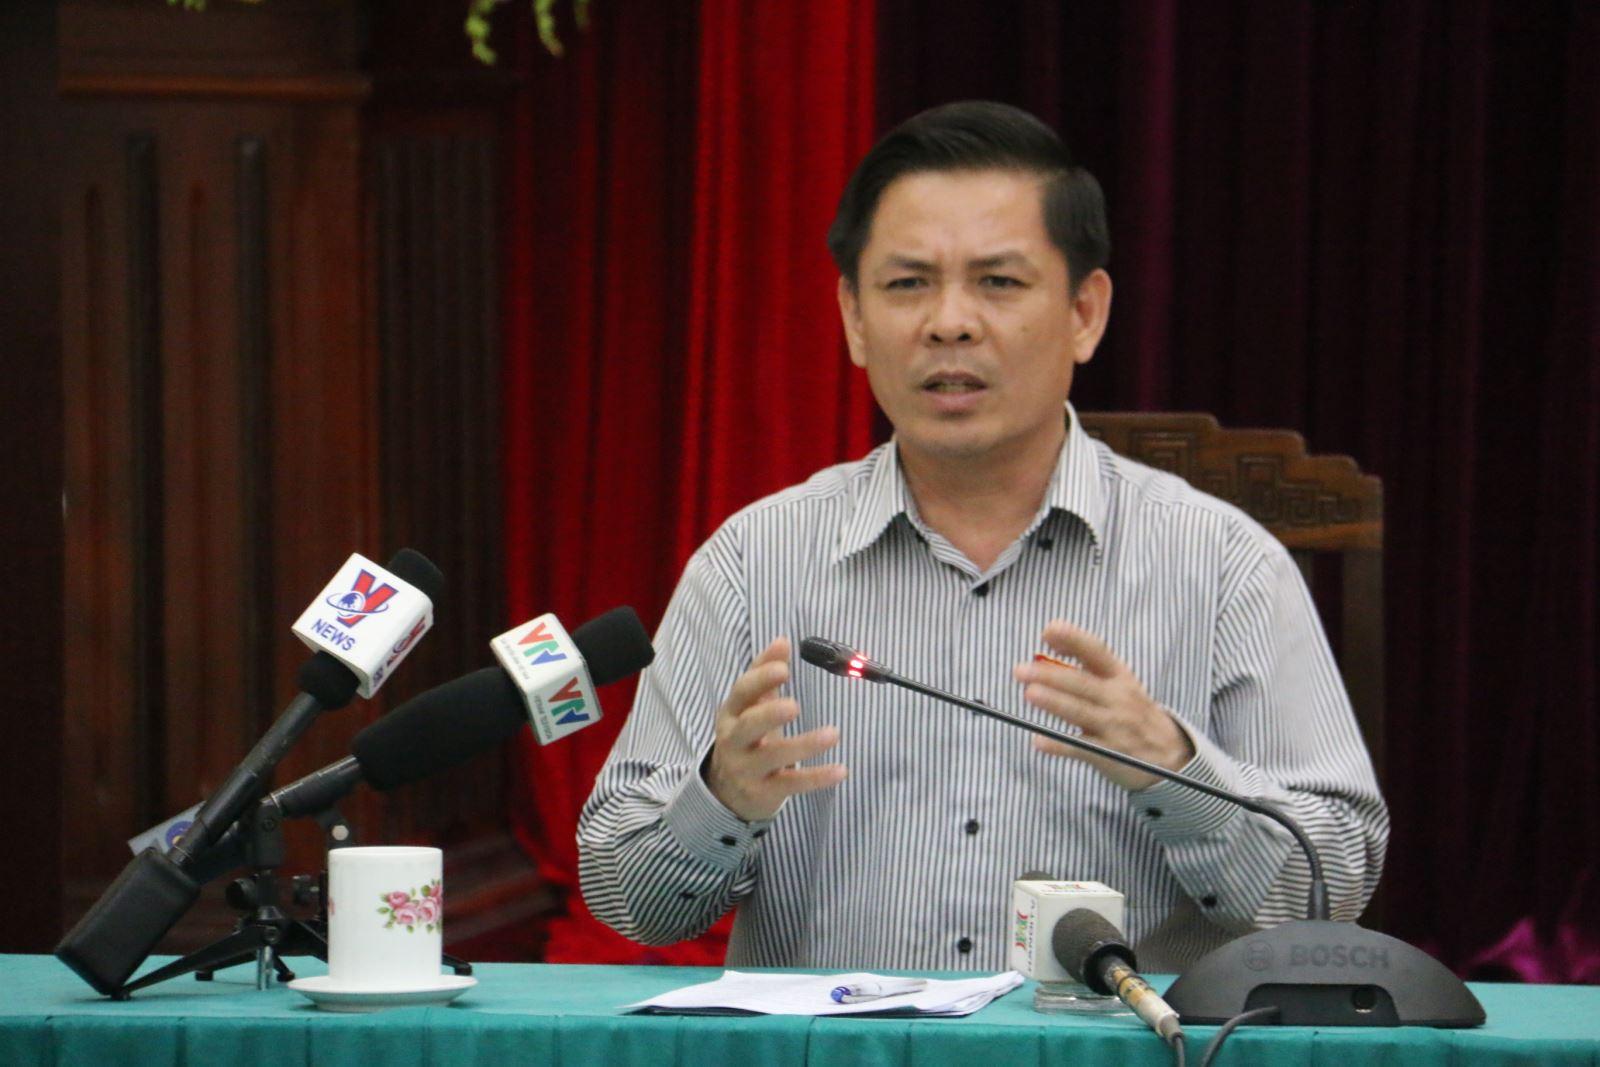 Bộ trưởng Giao thông: Tôi xin chịu trách nhiệm vì sự yếu kém của ngành đường sắt